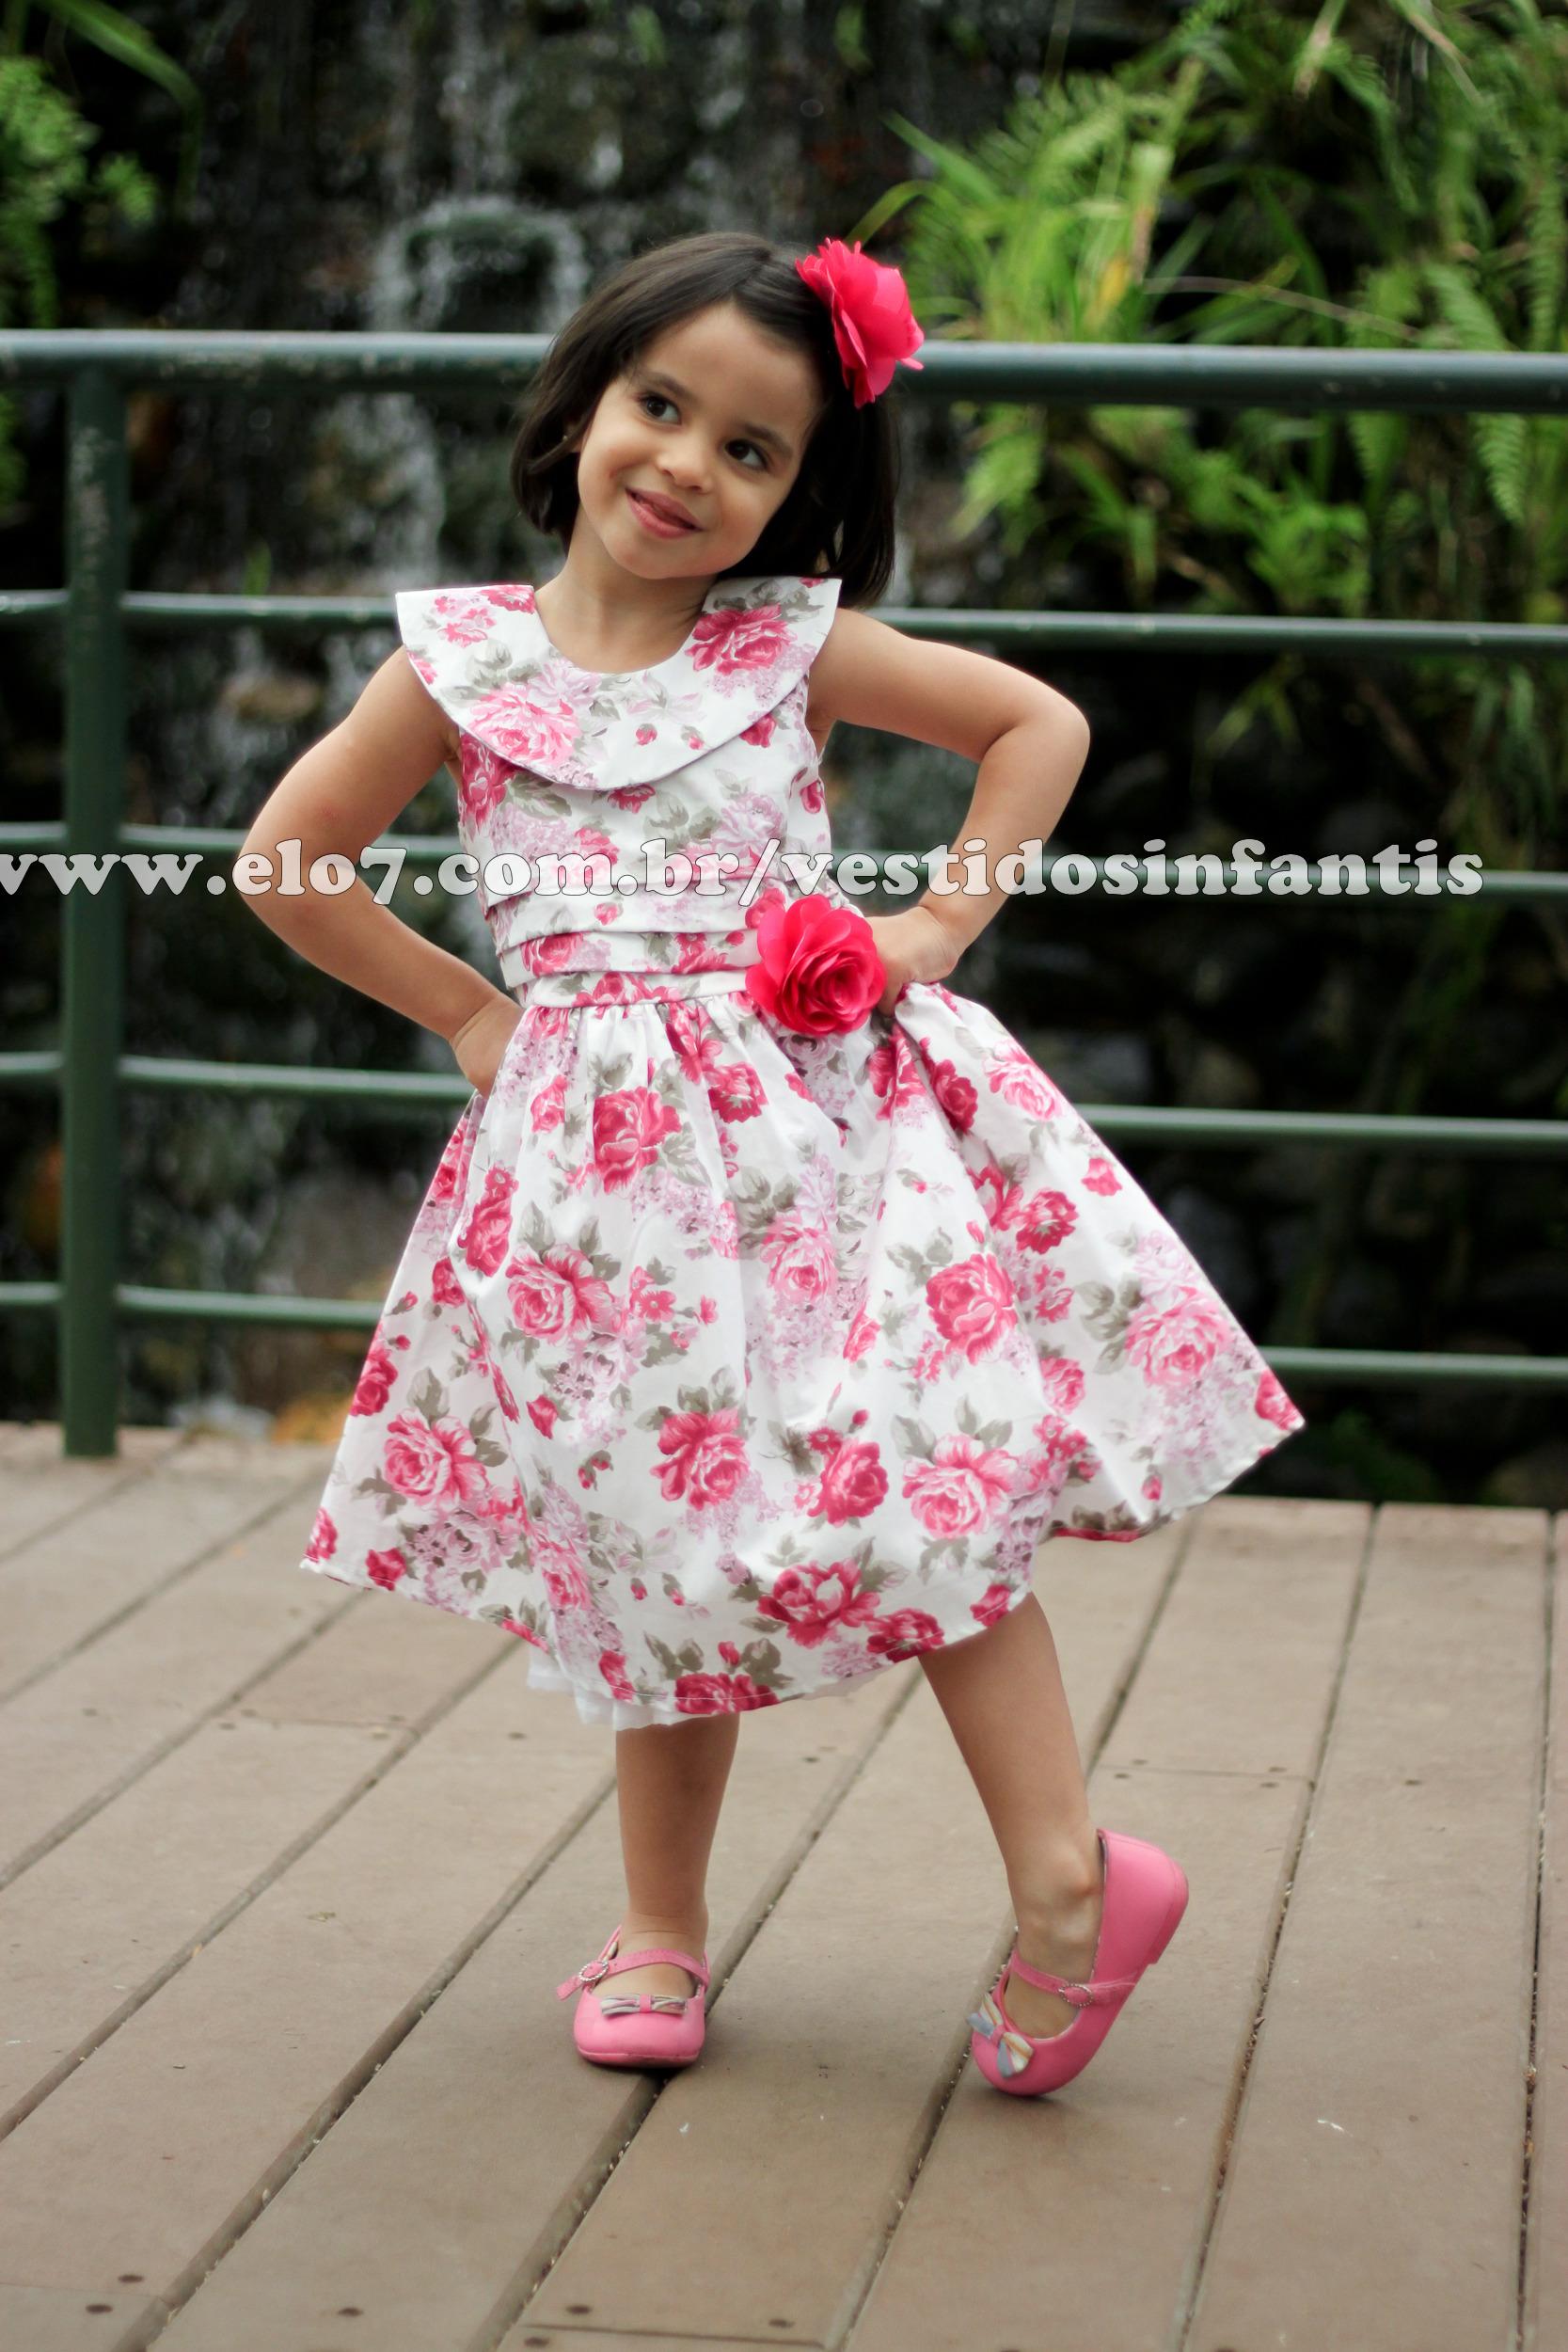 Vestido de Menina Floral Pink   AnaGiovanna Vestidos Infantis   Elo7